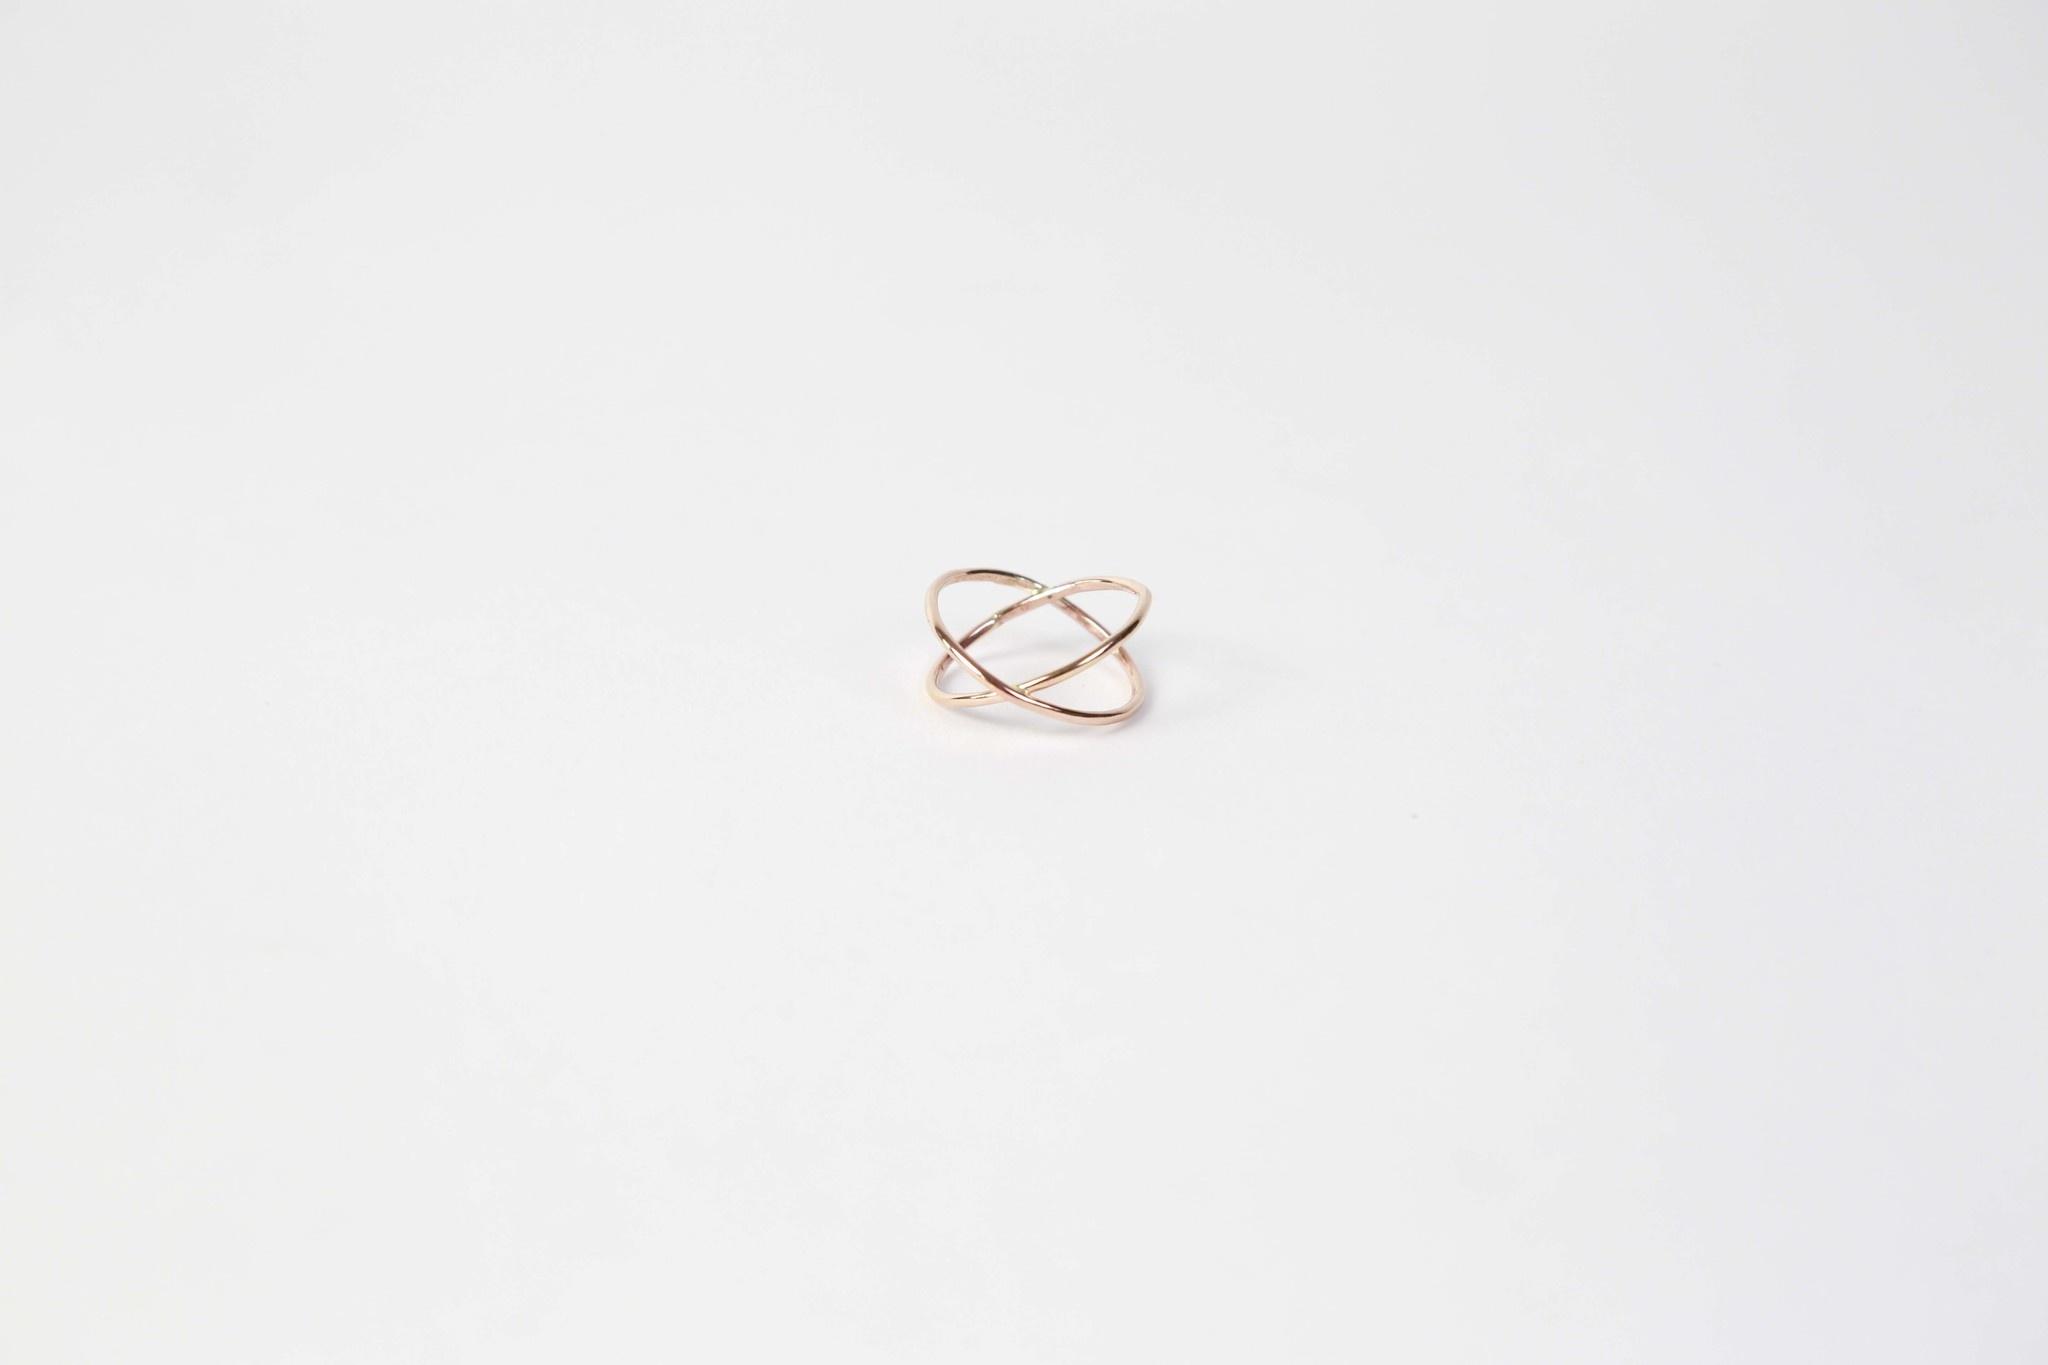 Chertova Celestial Ring, Gold Filled